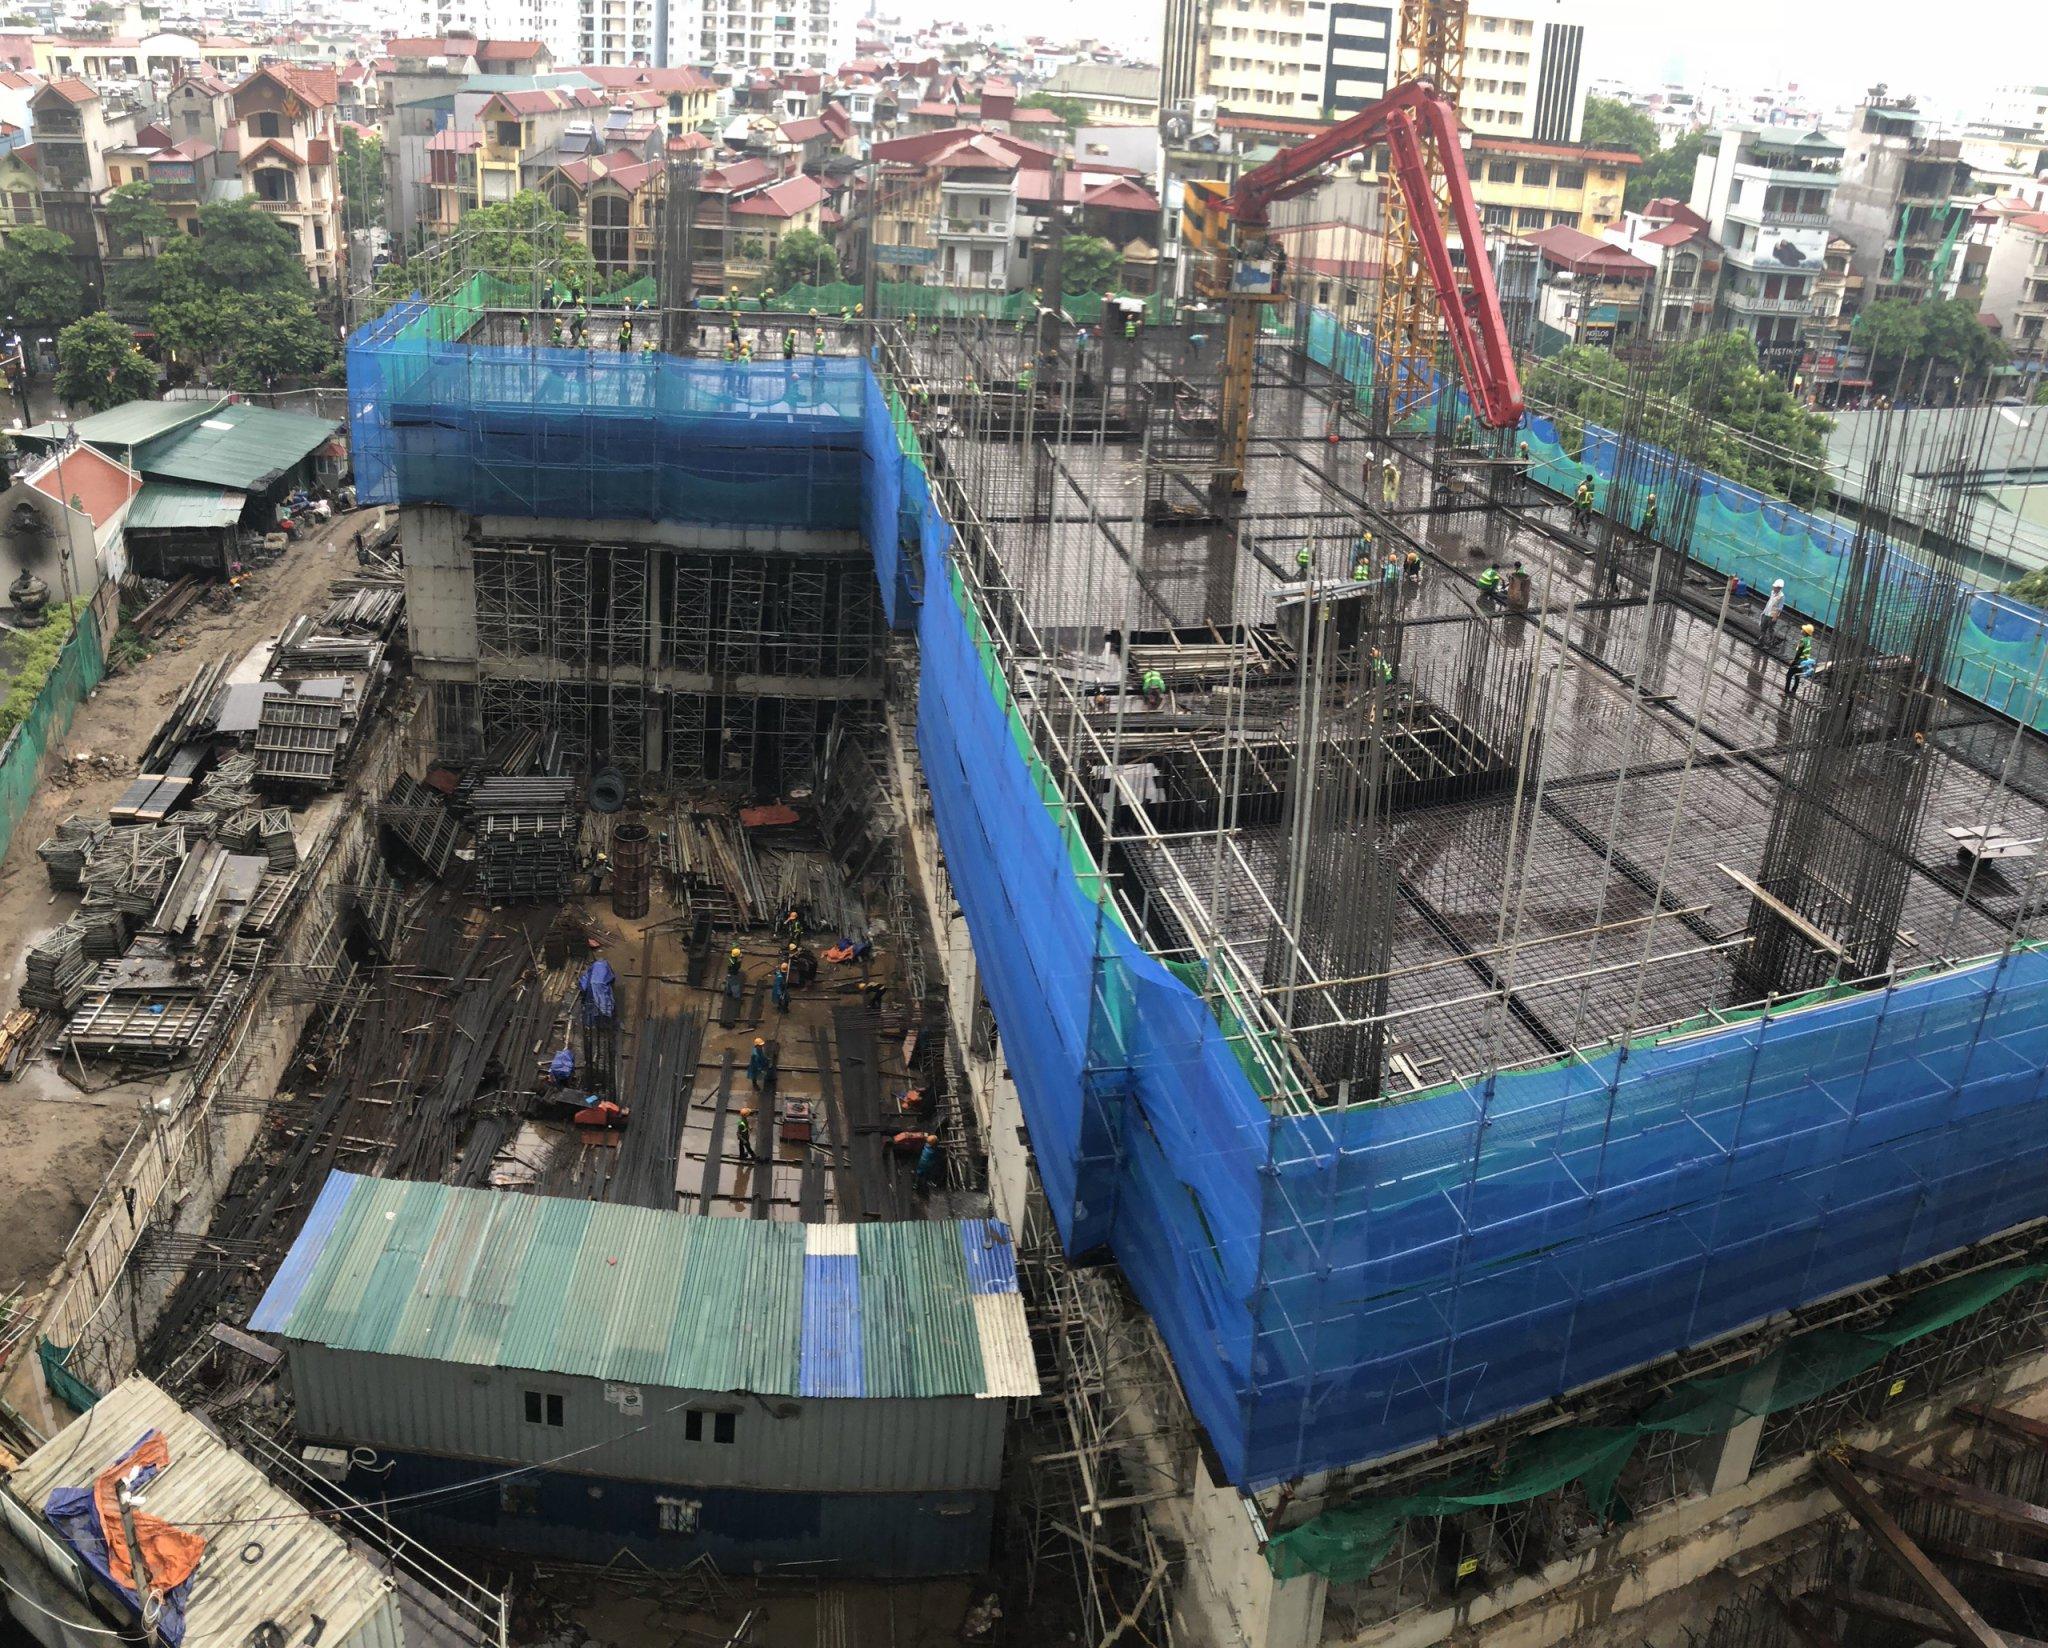 1 Bán căn hộ 97 Trần Bình 1,7 tỷ 2 Ngủ 2,5 tỷ 3 Ngủ lh 0906227669